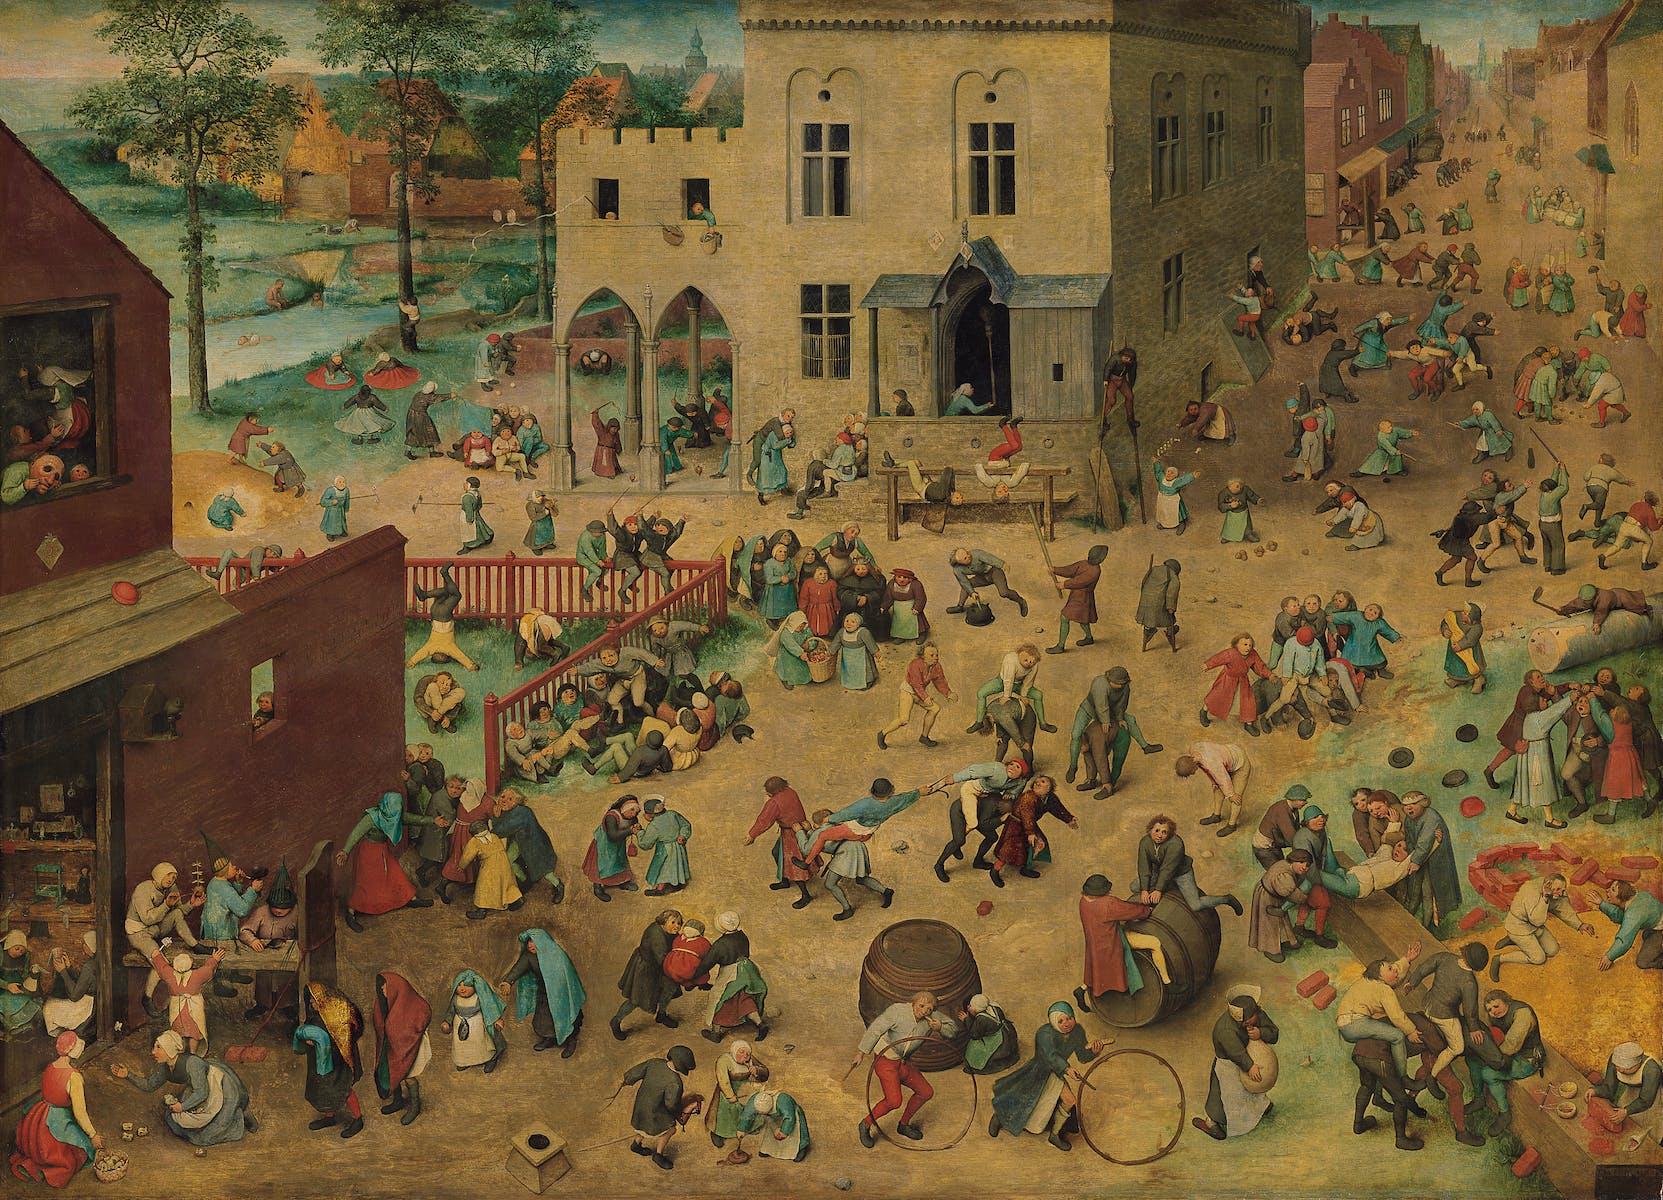 Pieter Bruegel the Elder, Children's Games